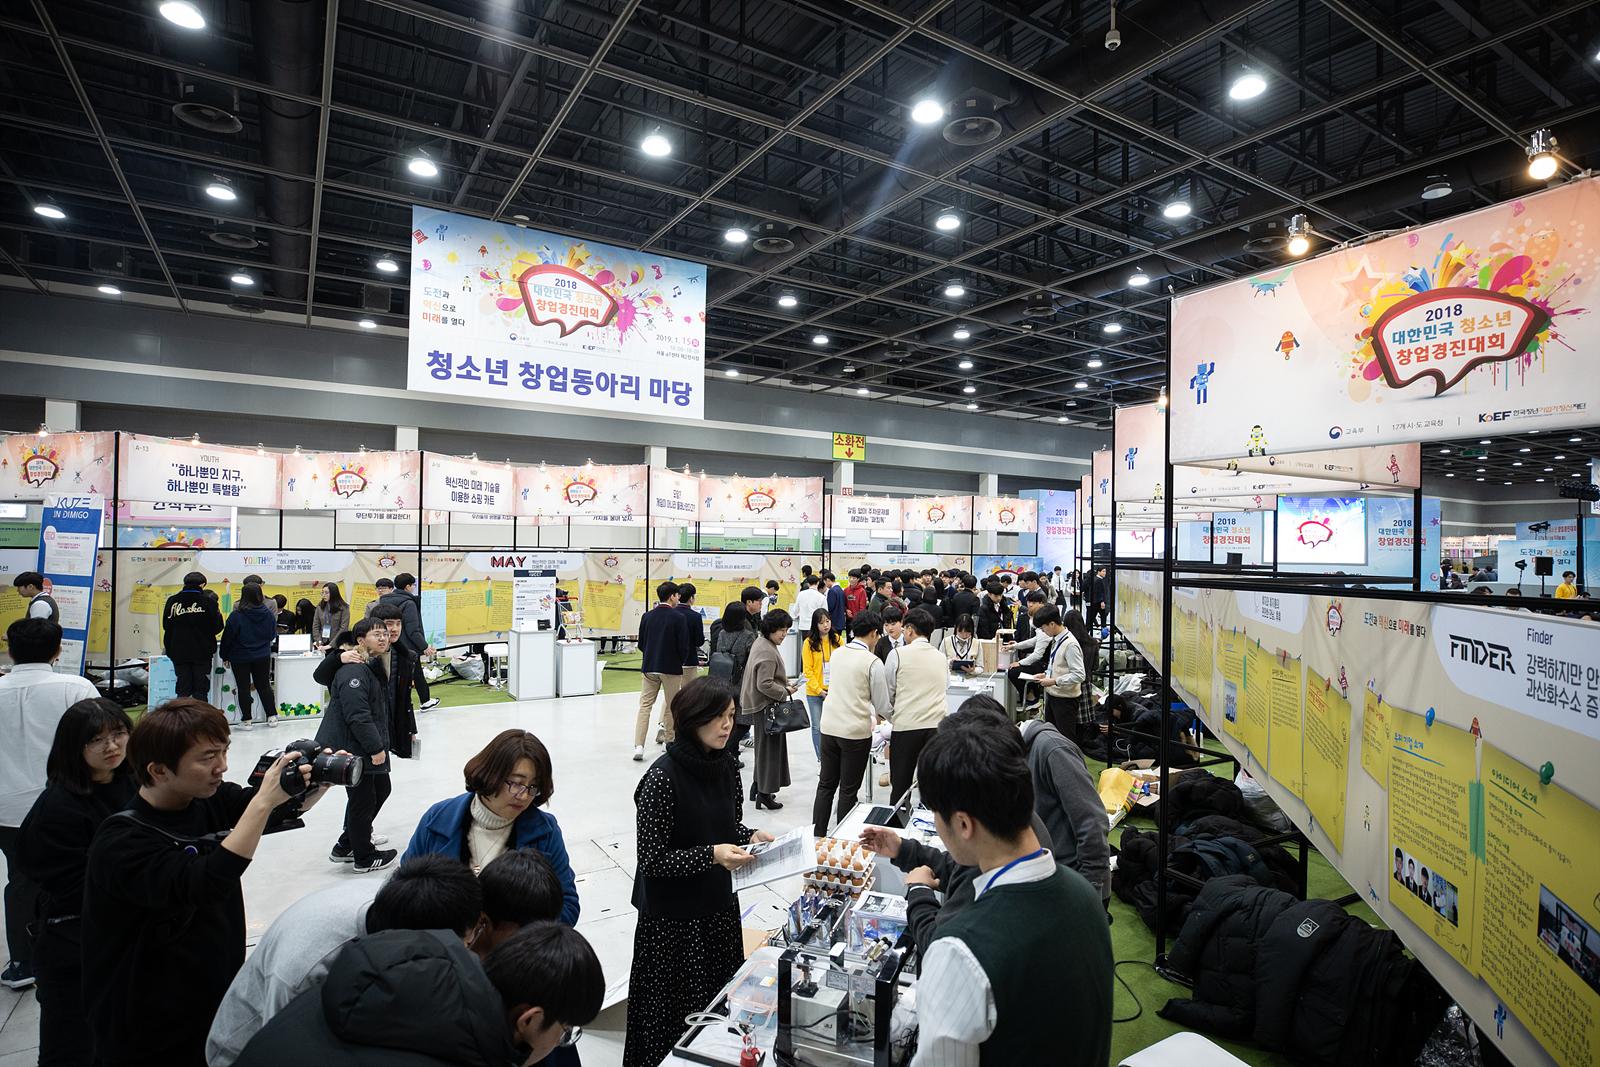 2018 대한민국 청소년 창업경진대회